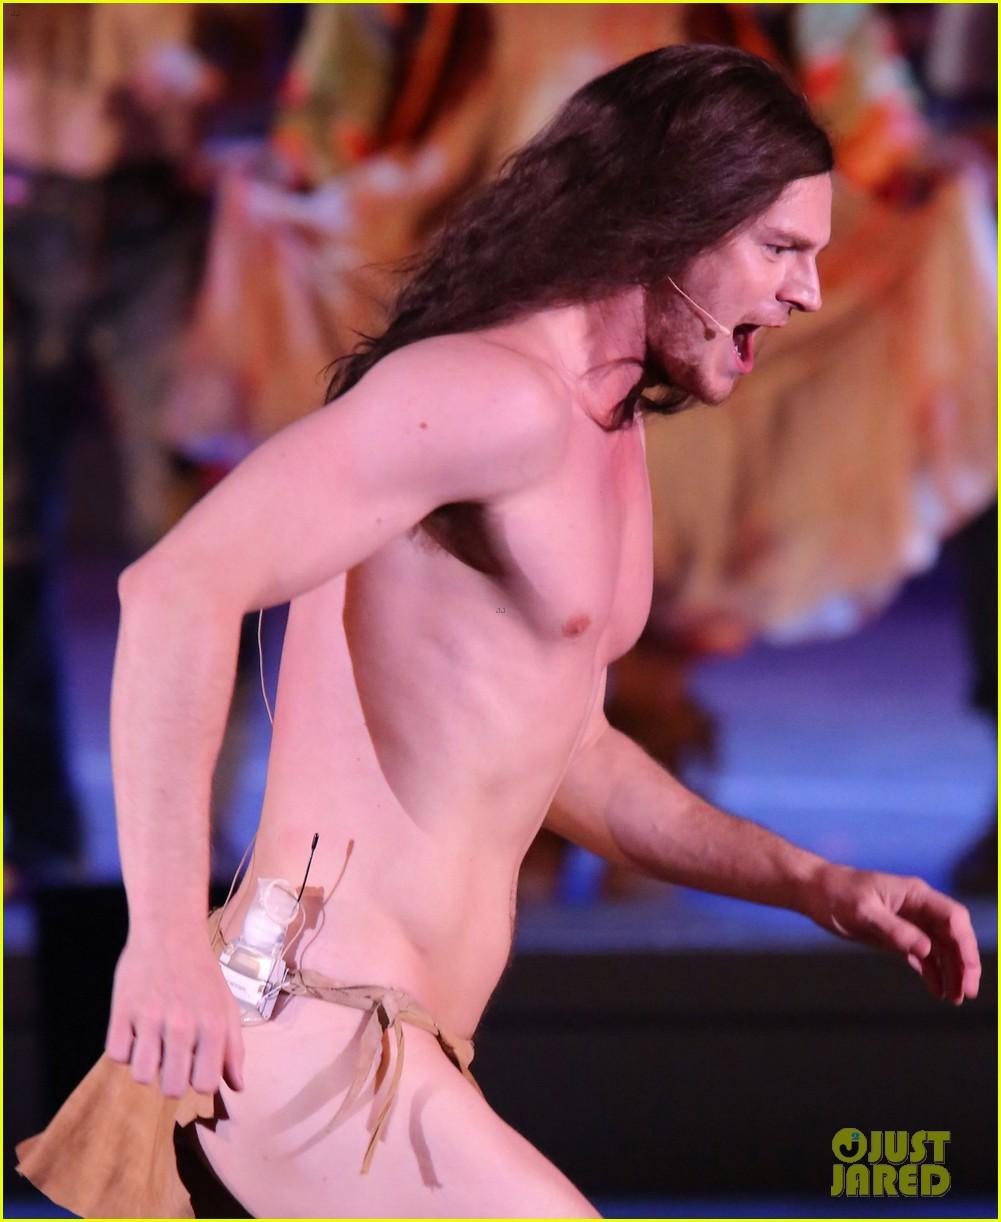 Nude Fire Dancing